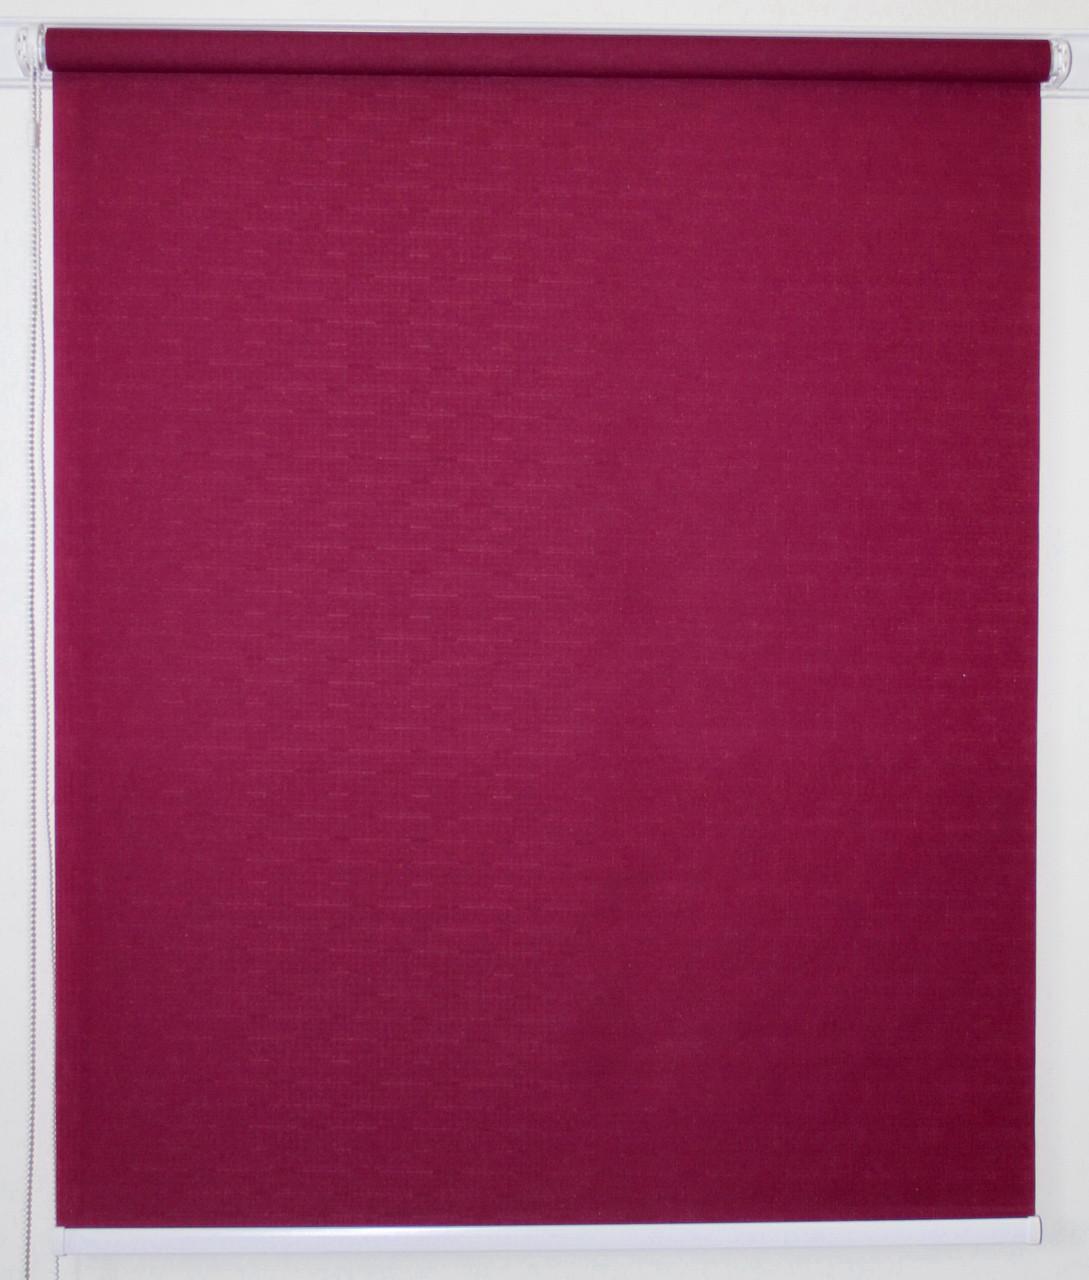 Рулонная штора 900*1500 Ткань Лён 7435 Фуксия